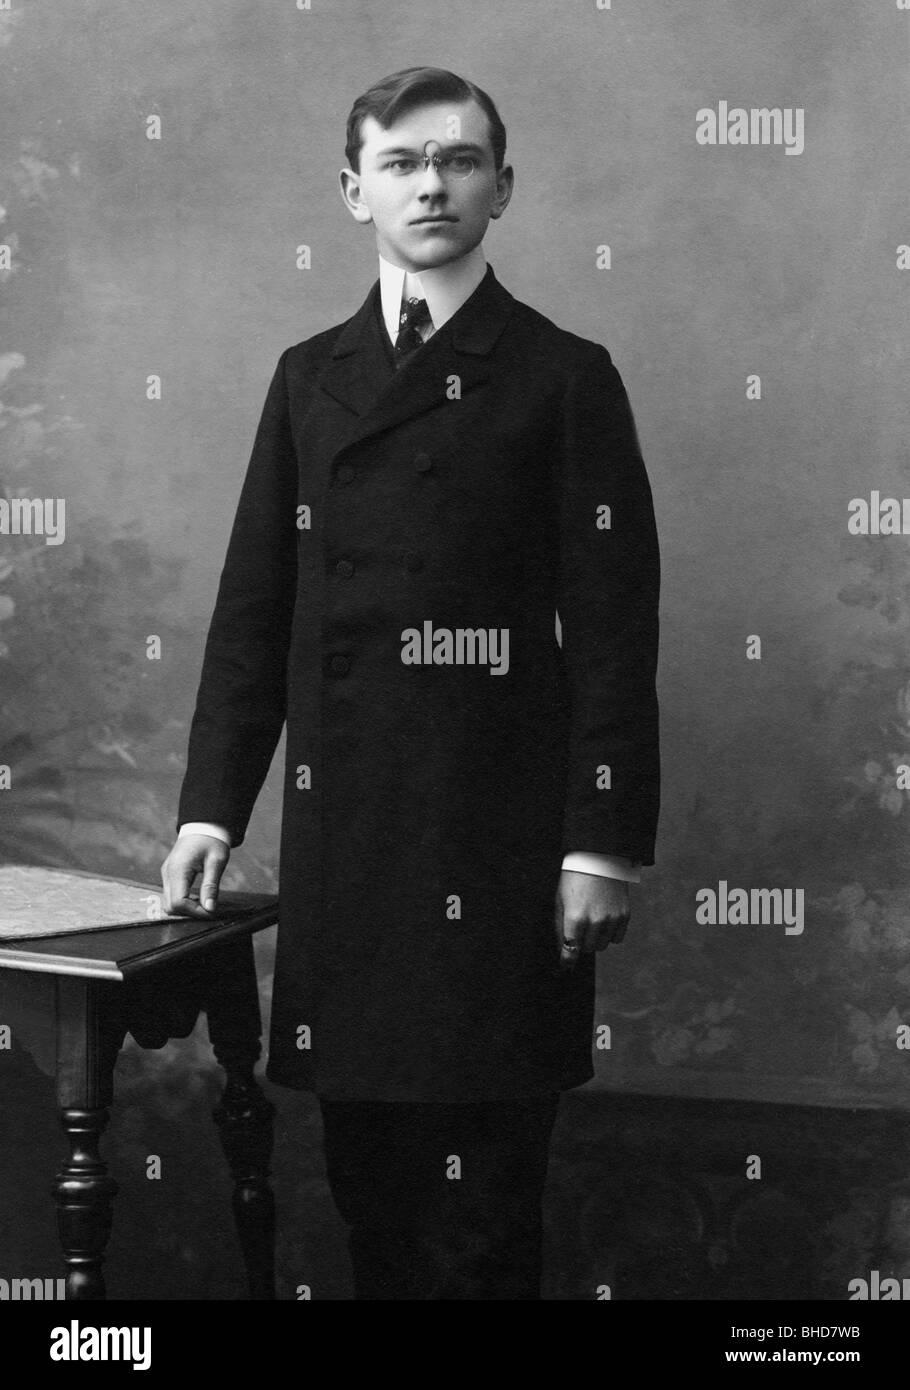 Extraordinaire Les gens, hommes, portrait / demi-longueur 1900 - 1930, jeune @KZ_19